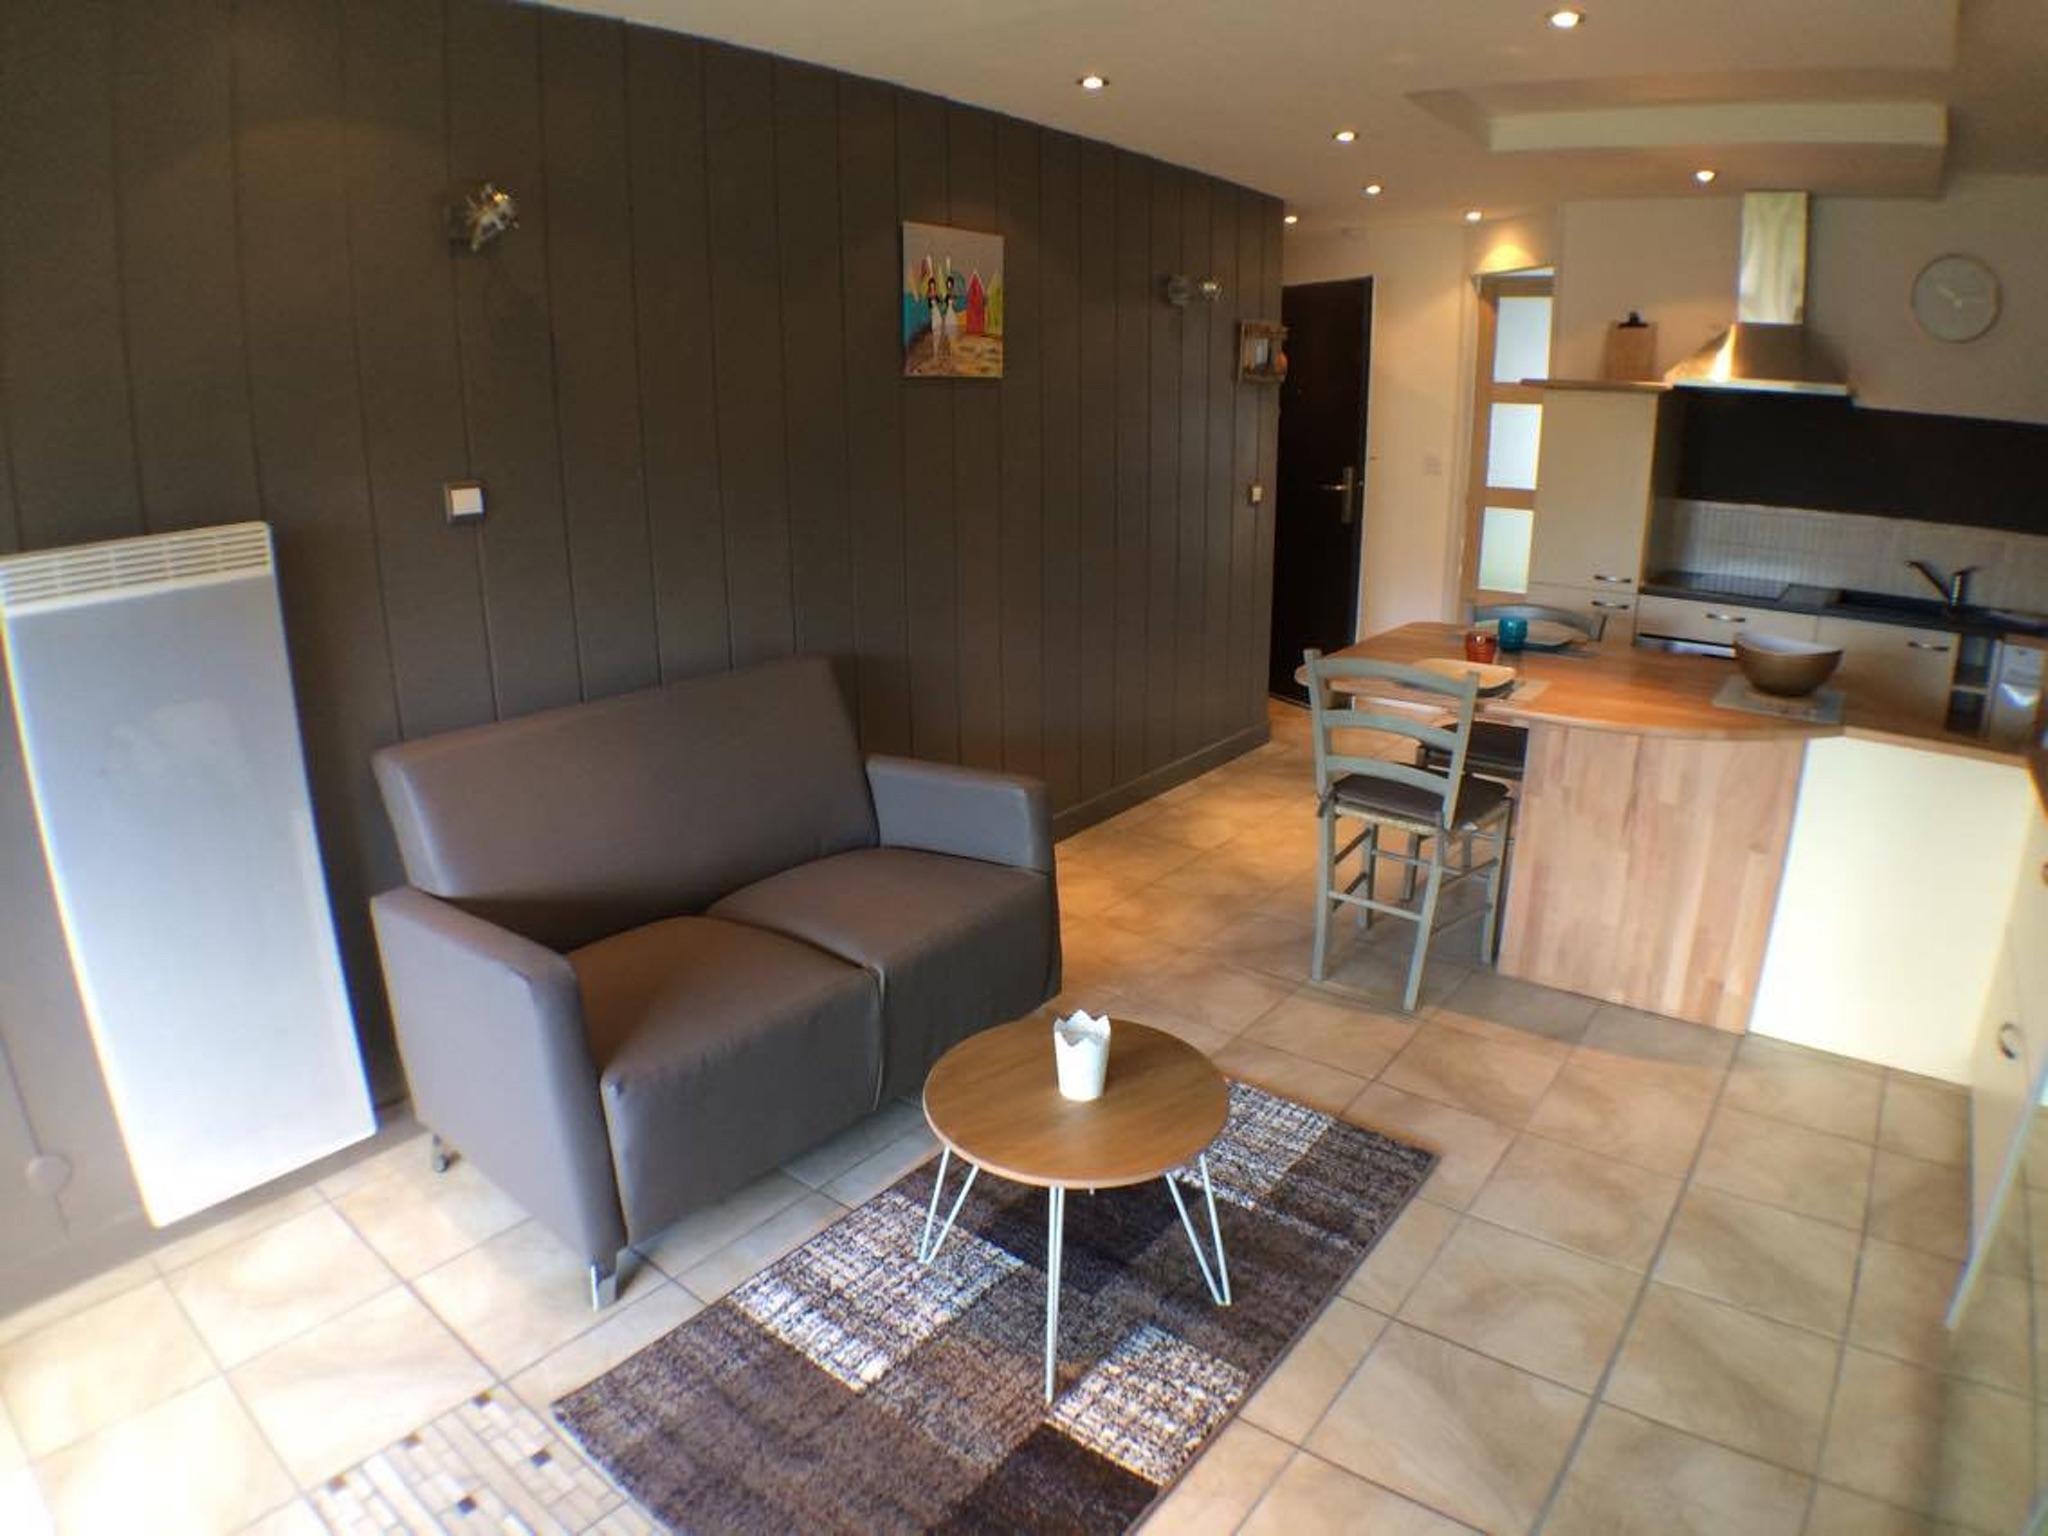 Ferienwohnung Wohnung mit einem Zimmer in Carnac mit möblierter Terrasse (2202608), Carnac, Atlantikküste Morbihan, Bretagne, Frankreich, Bild 6